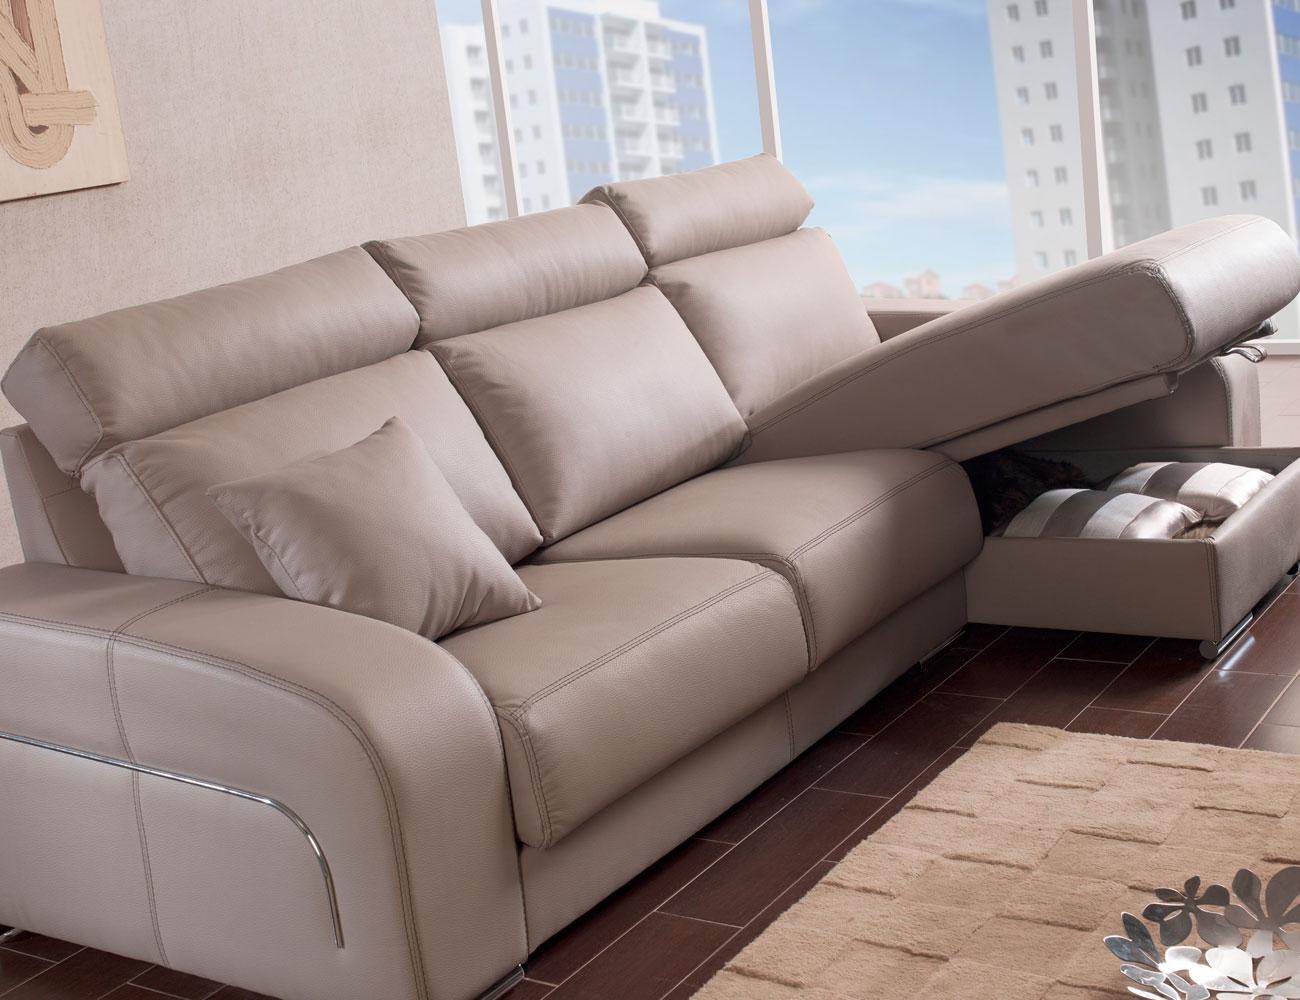 Sofa chaiselongue moderno pared cero arcon84